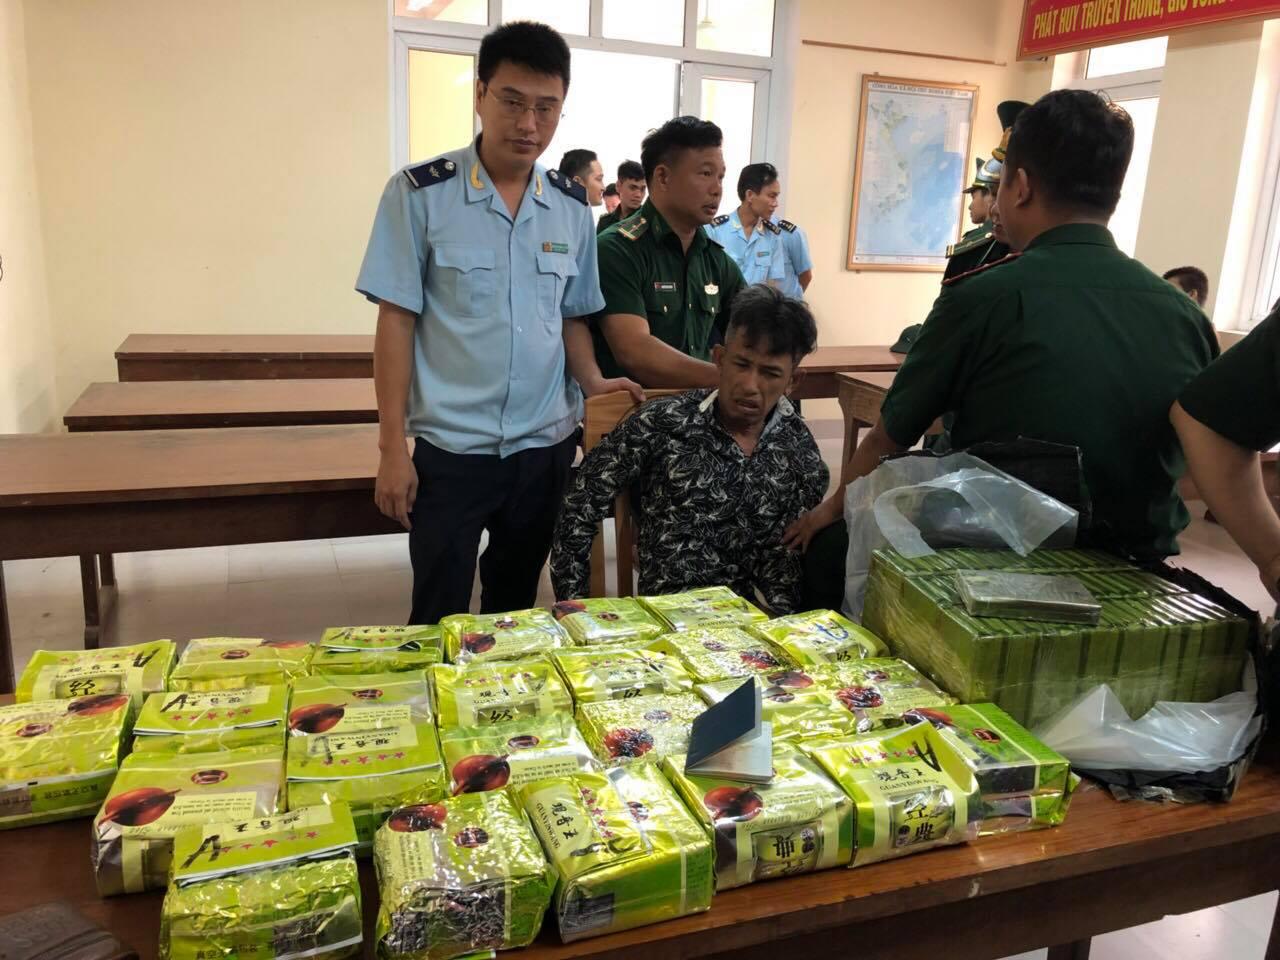 Gần 1000 vụ vi phạm bị phát hiện, bắt giữ, trong đó có nhiều ma túy